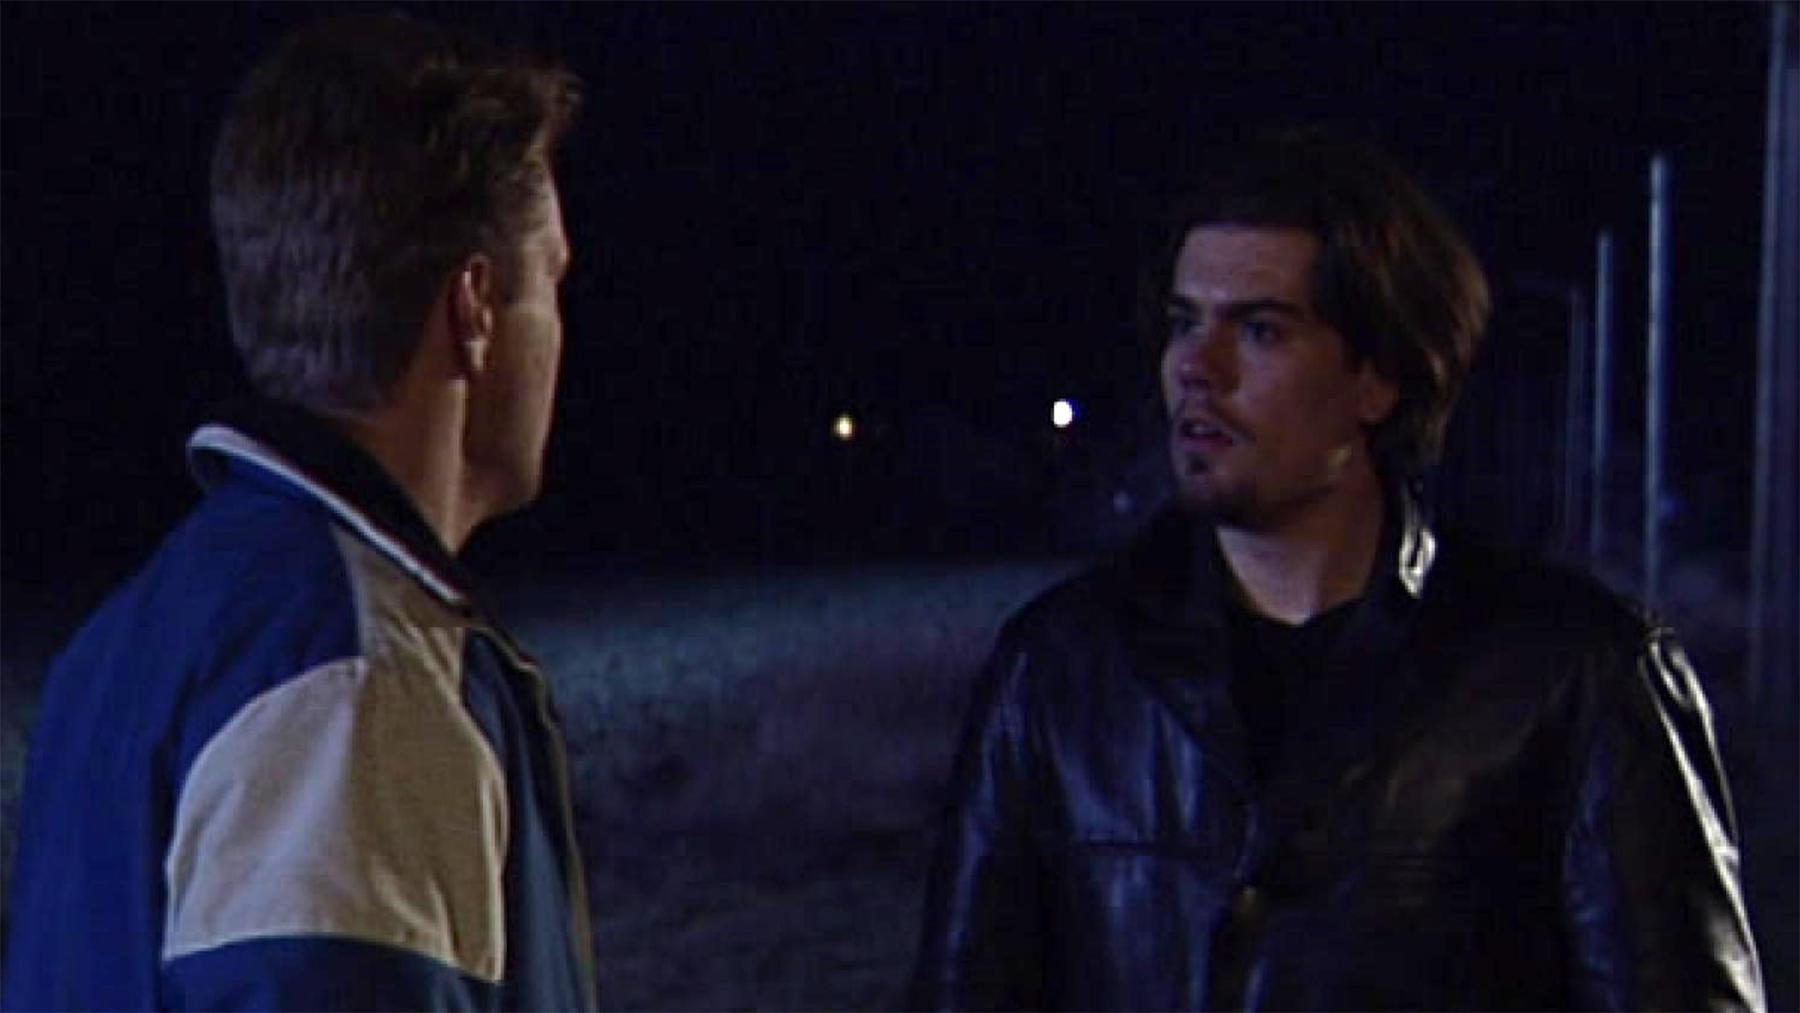 Charlie macht Leon klar, dass die Flucht sinnlos ist